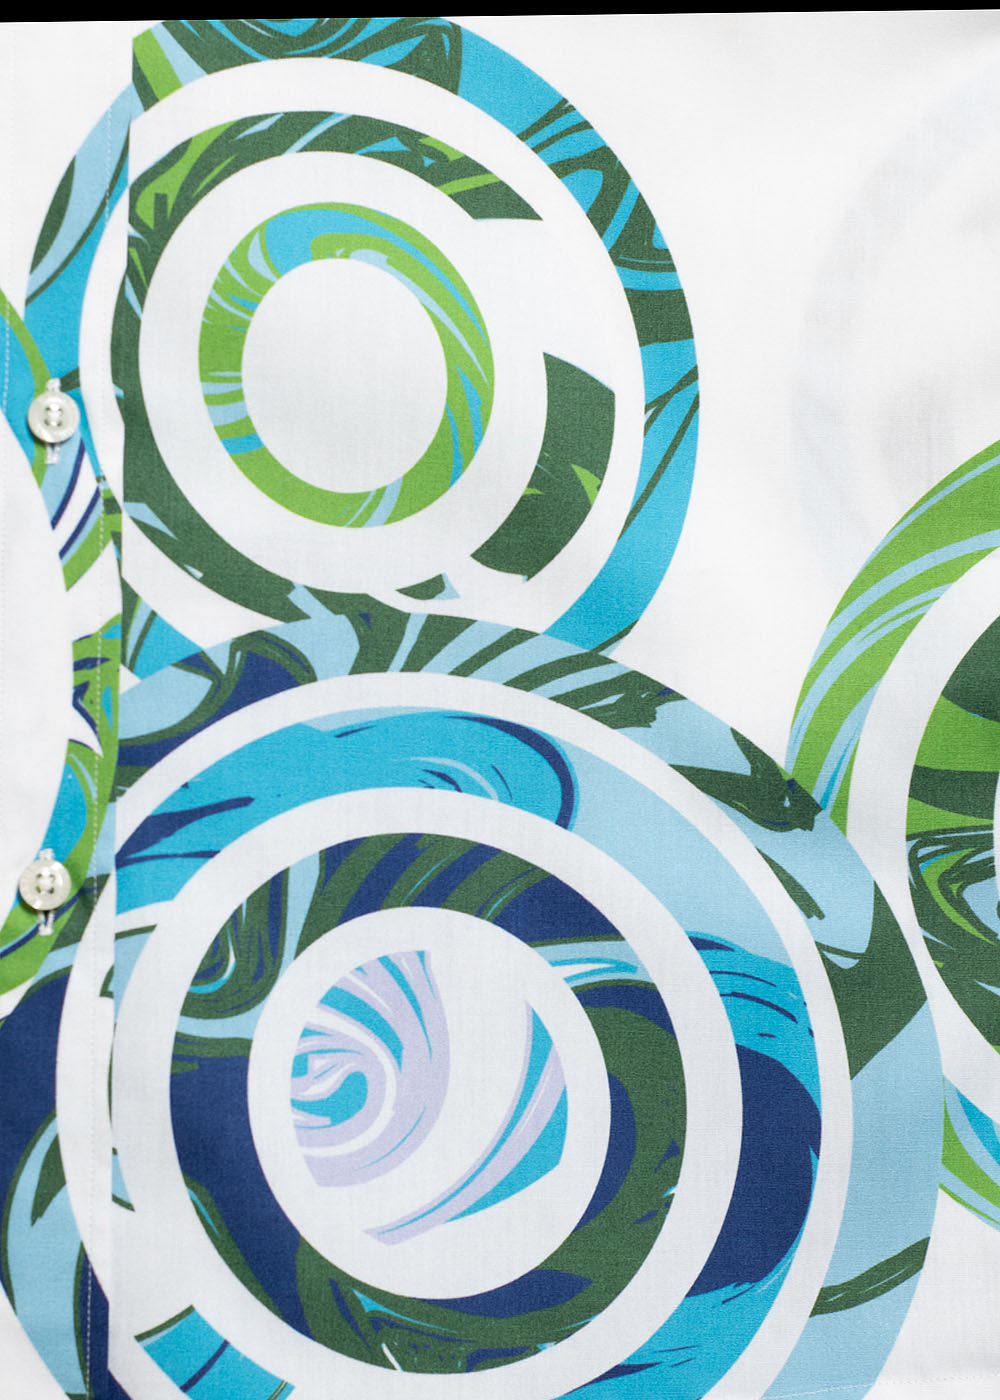 かりゆしウェア(沖縄版アロハシャツ) MAJUN - カンカラ三線と波紋